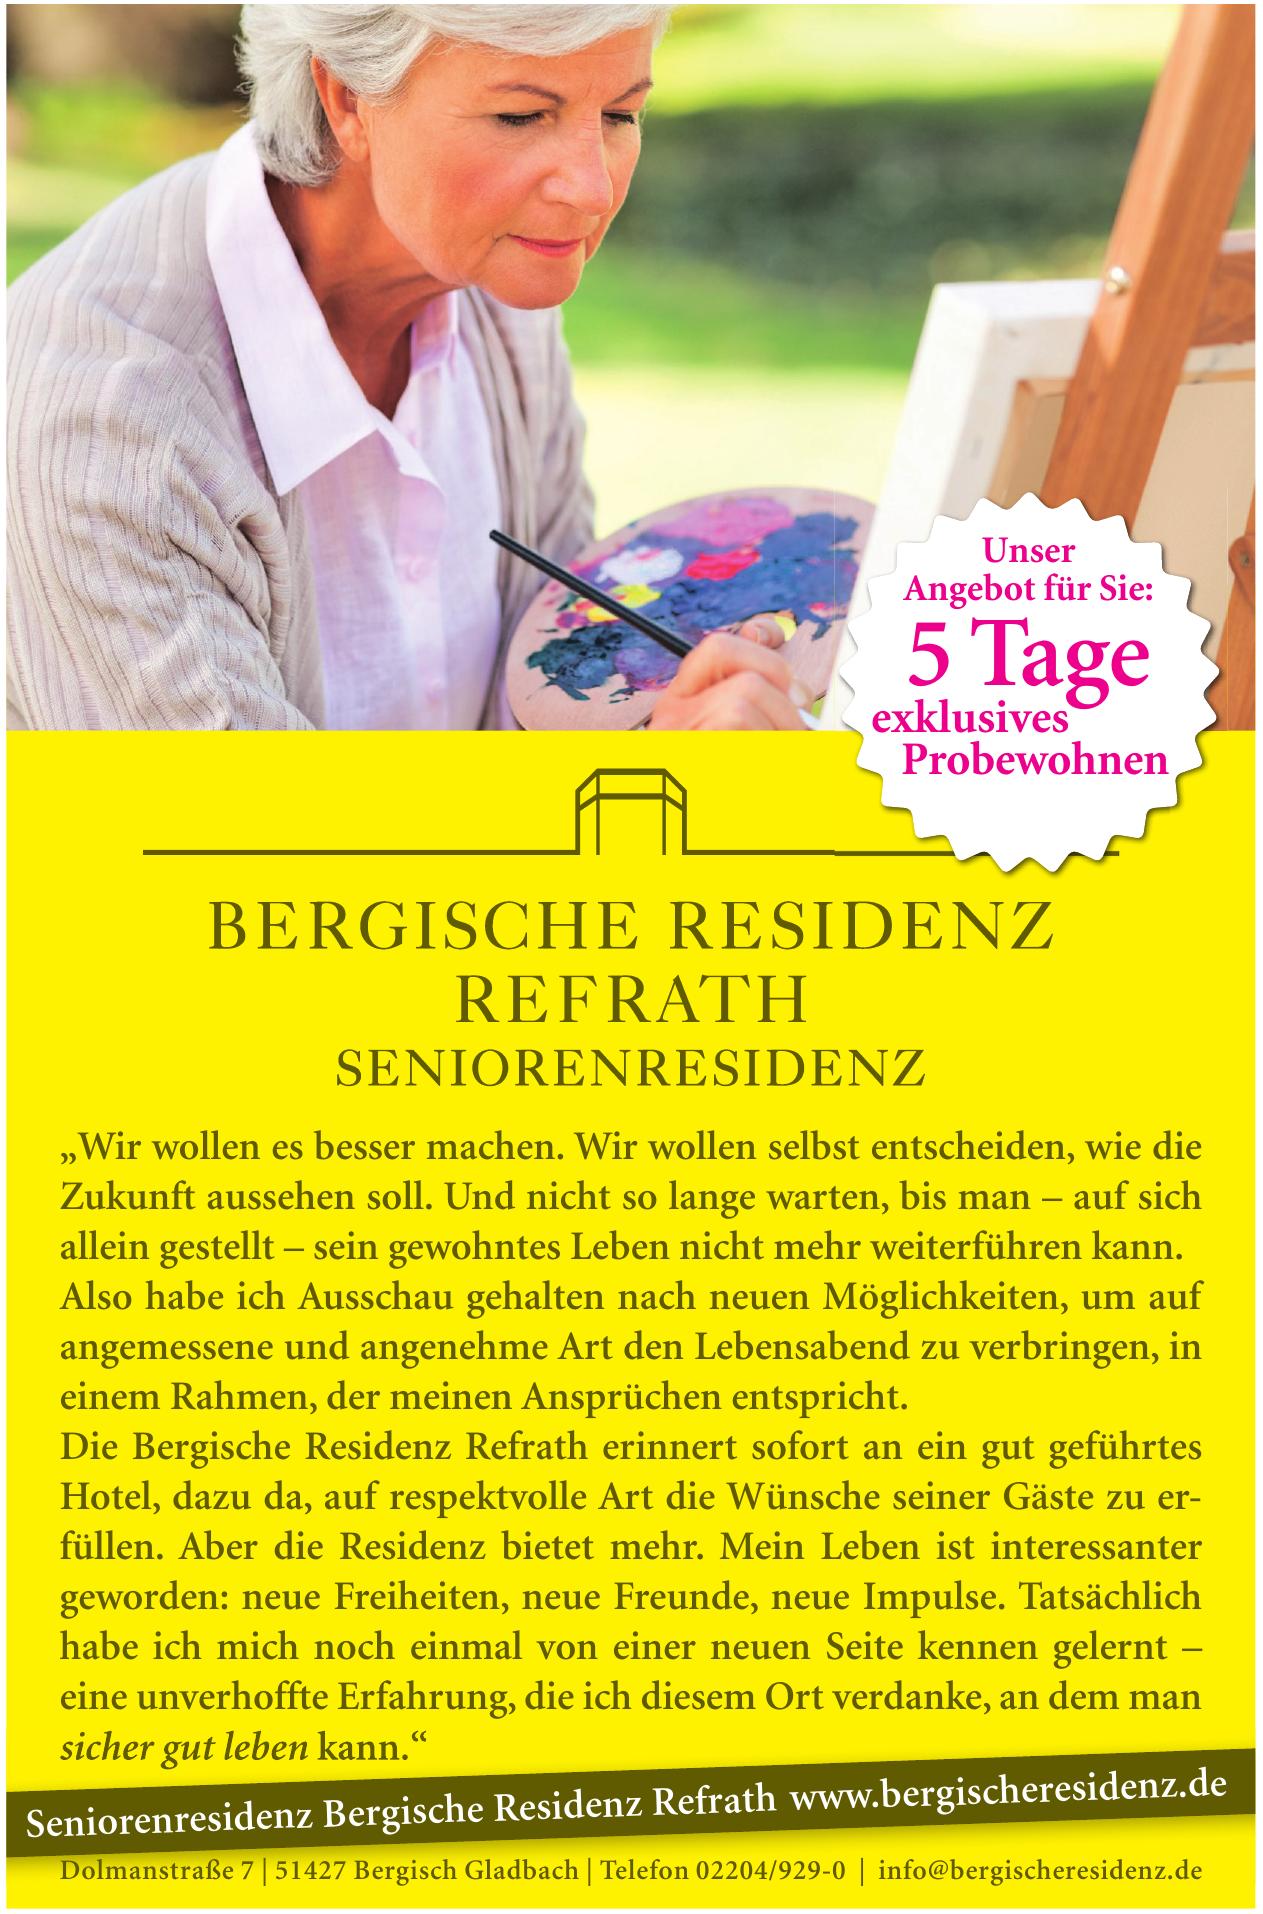 Bergische Residenz Refrath